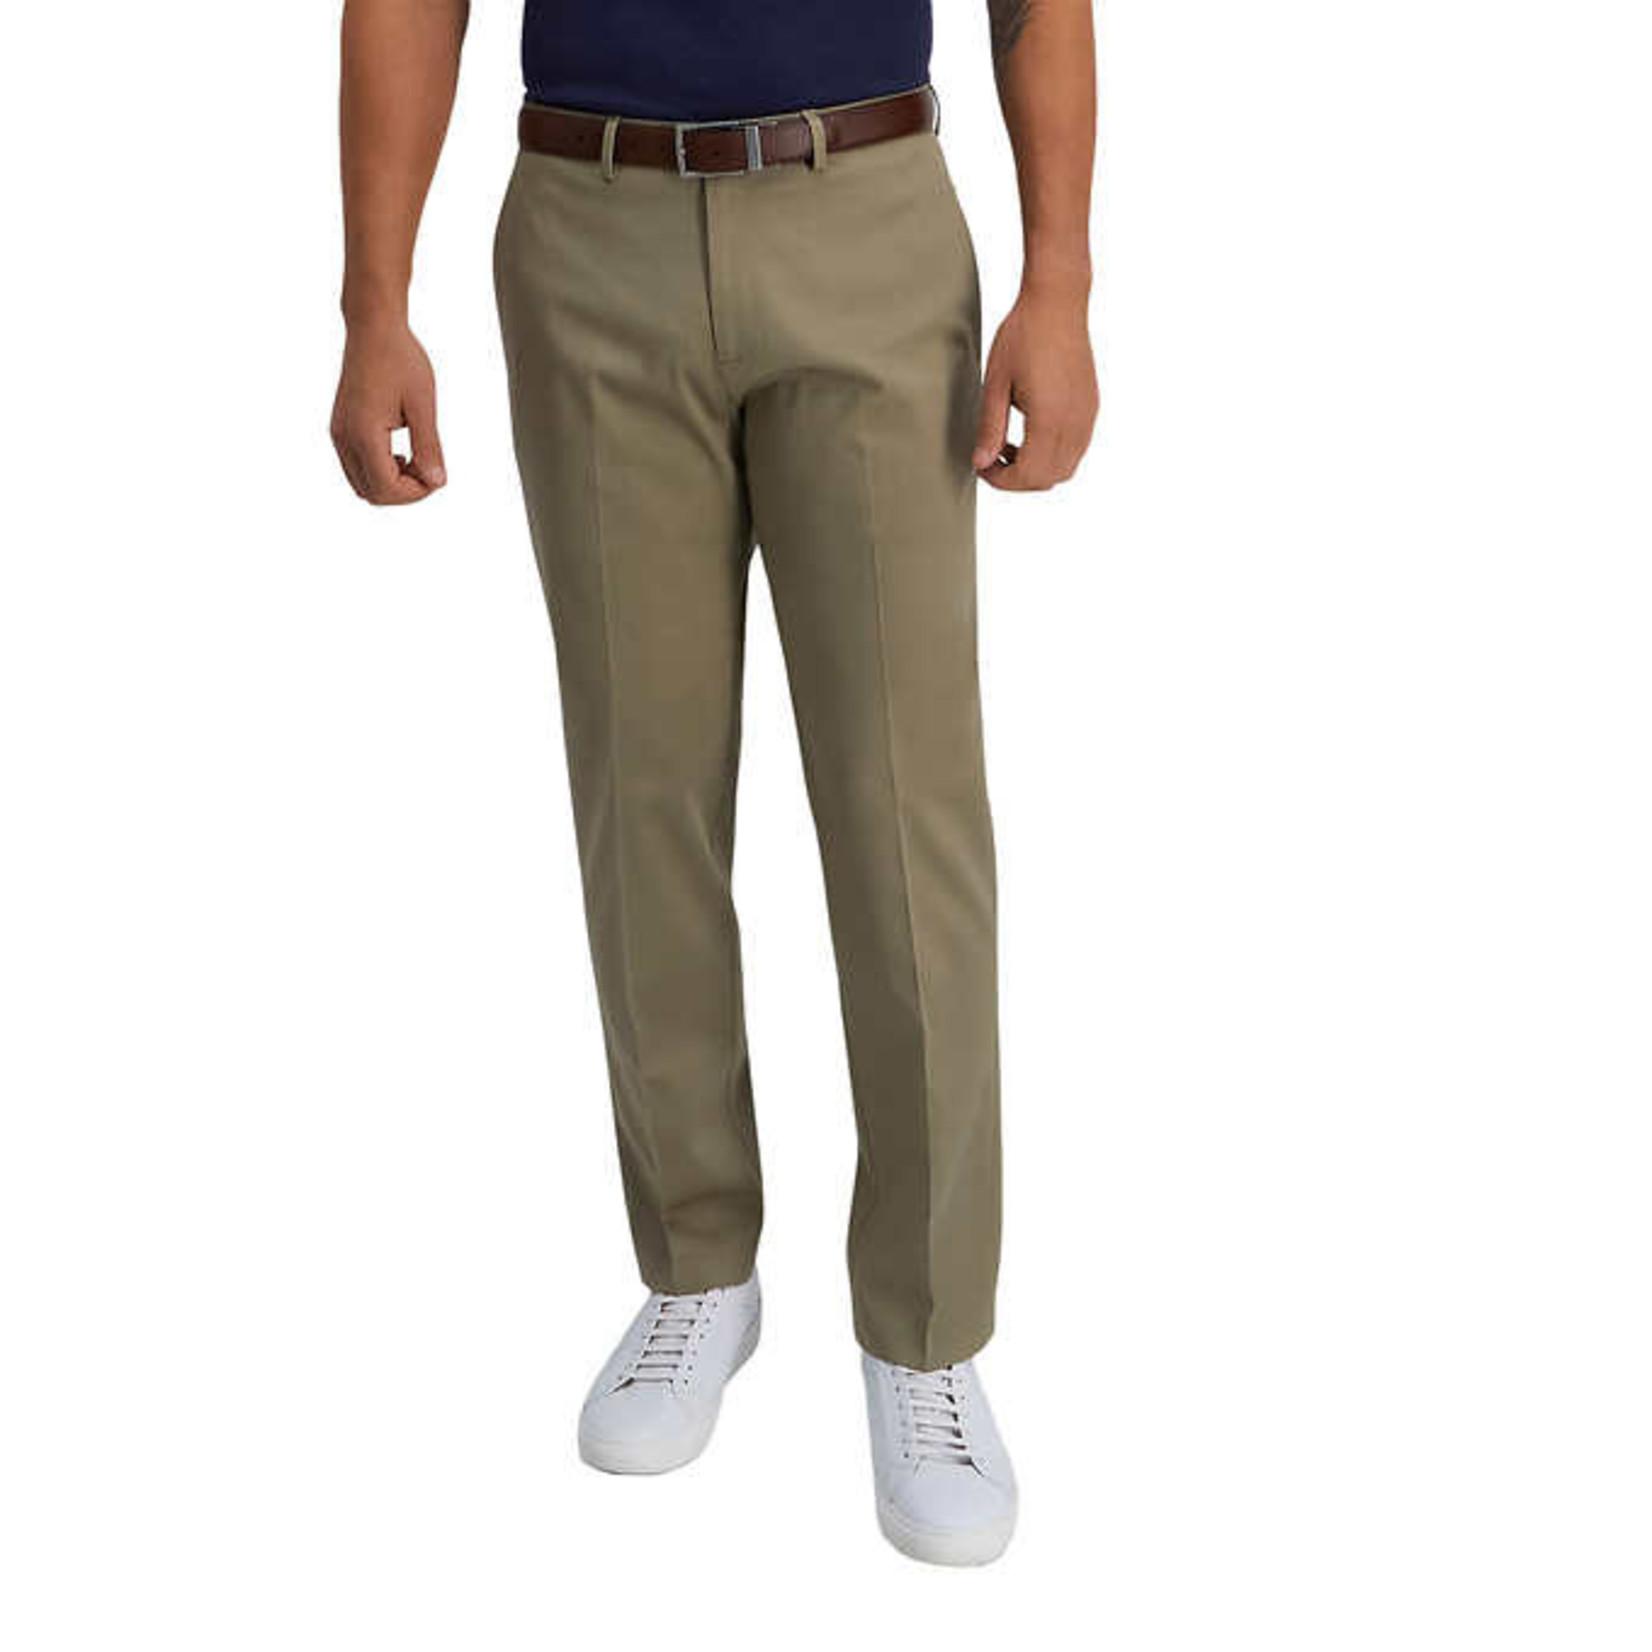 Haggar Men's Premium Dress Khakis Tan 30x30